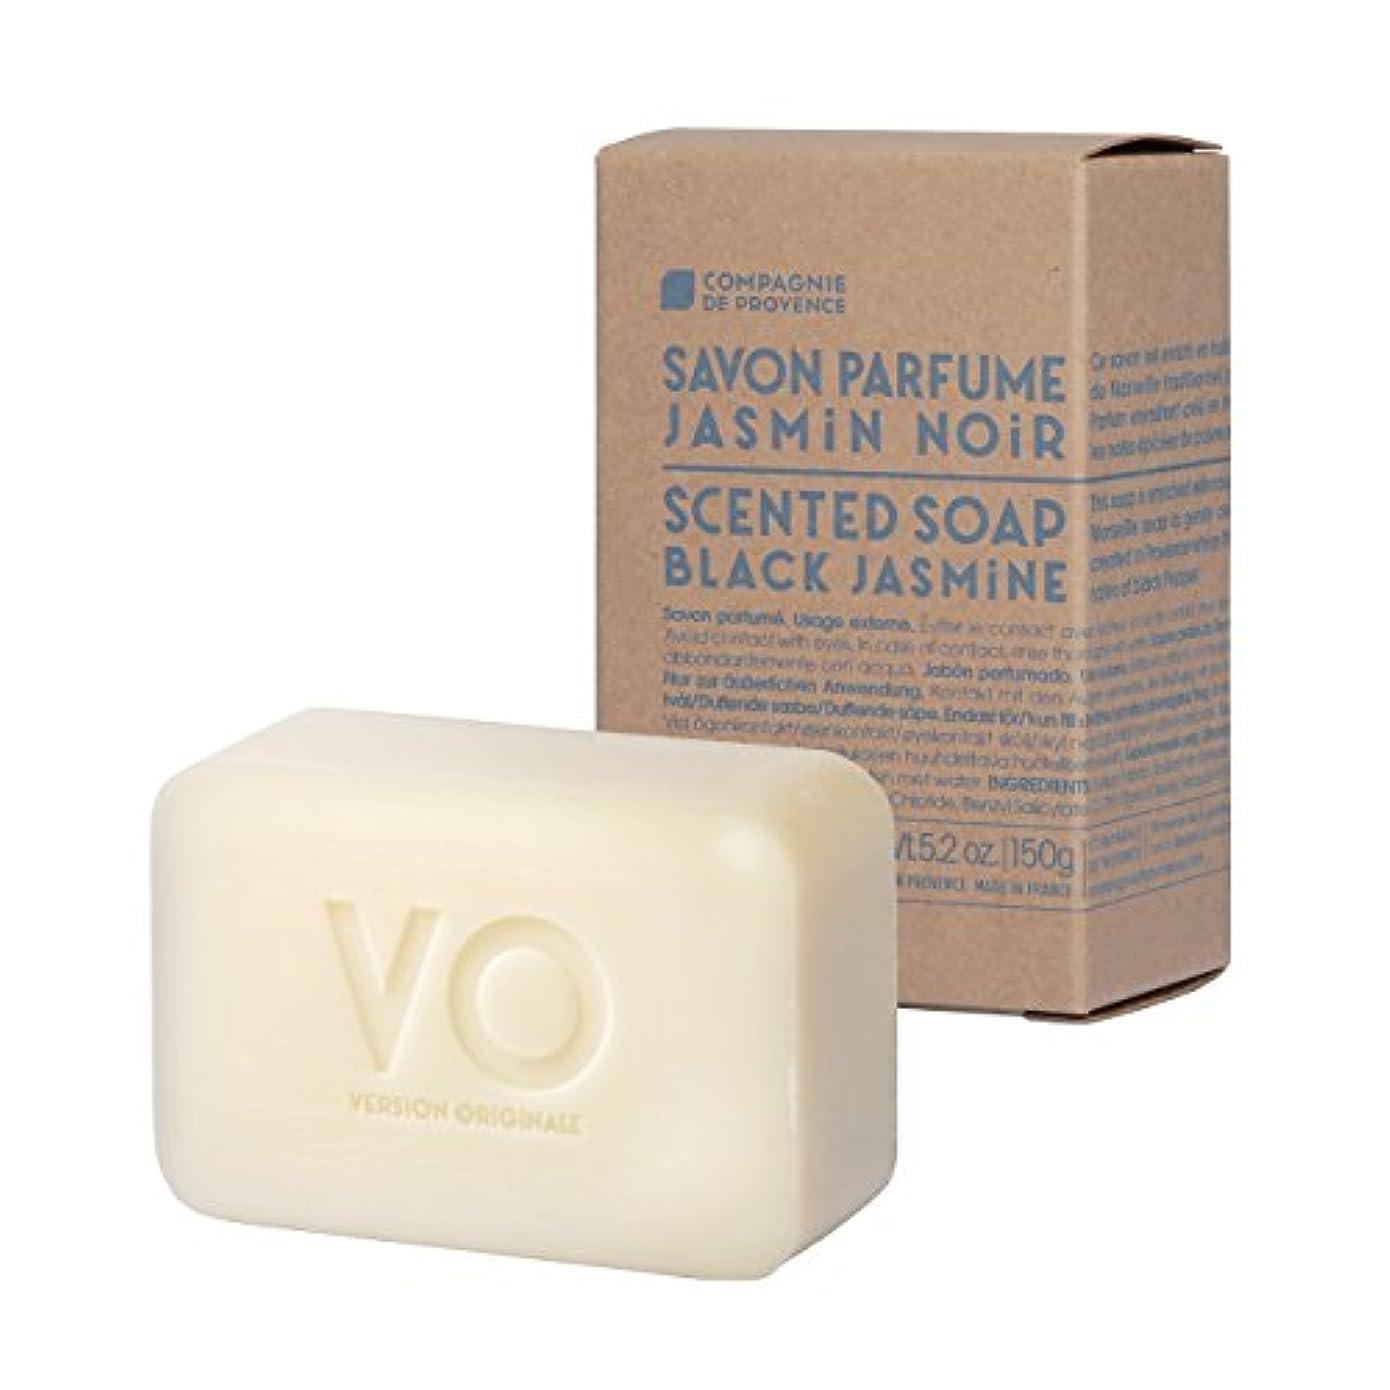 カンパニードプロバンス バージョンオリジナル センティッドソープ ブラックジャスミン(すっきりとした中にも甘さがある香り) 150g